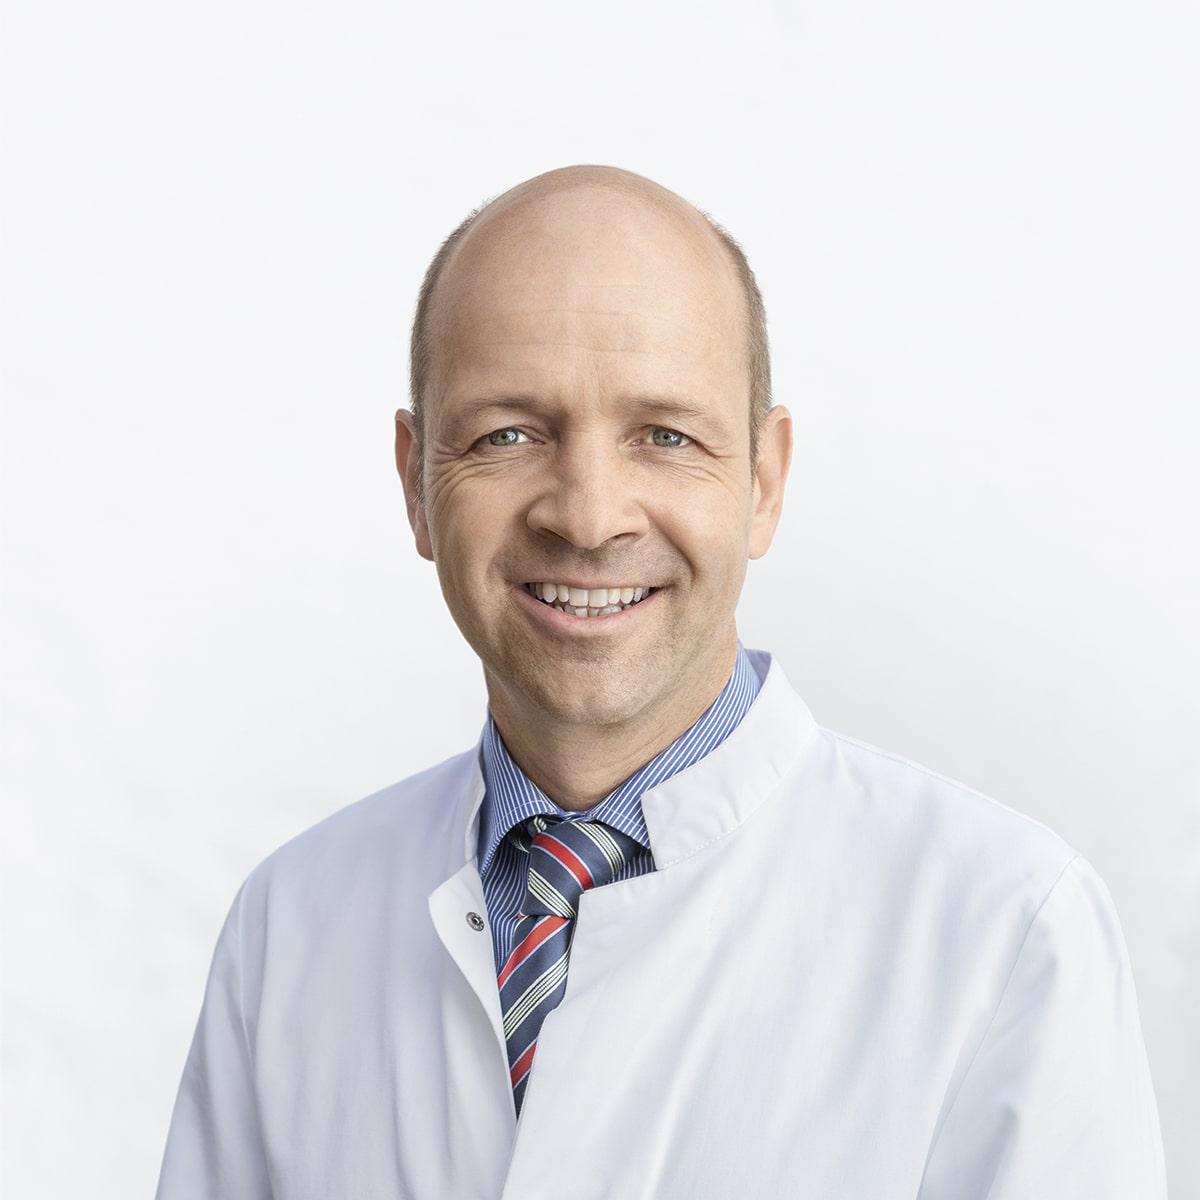 Facharzt Urologie: Dr. med. Peter Widmann